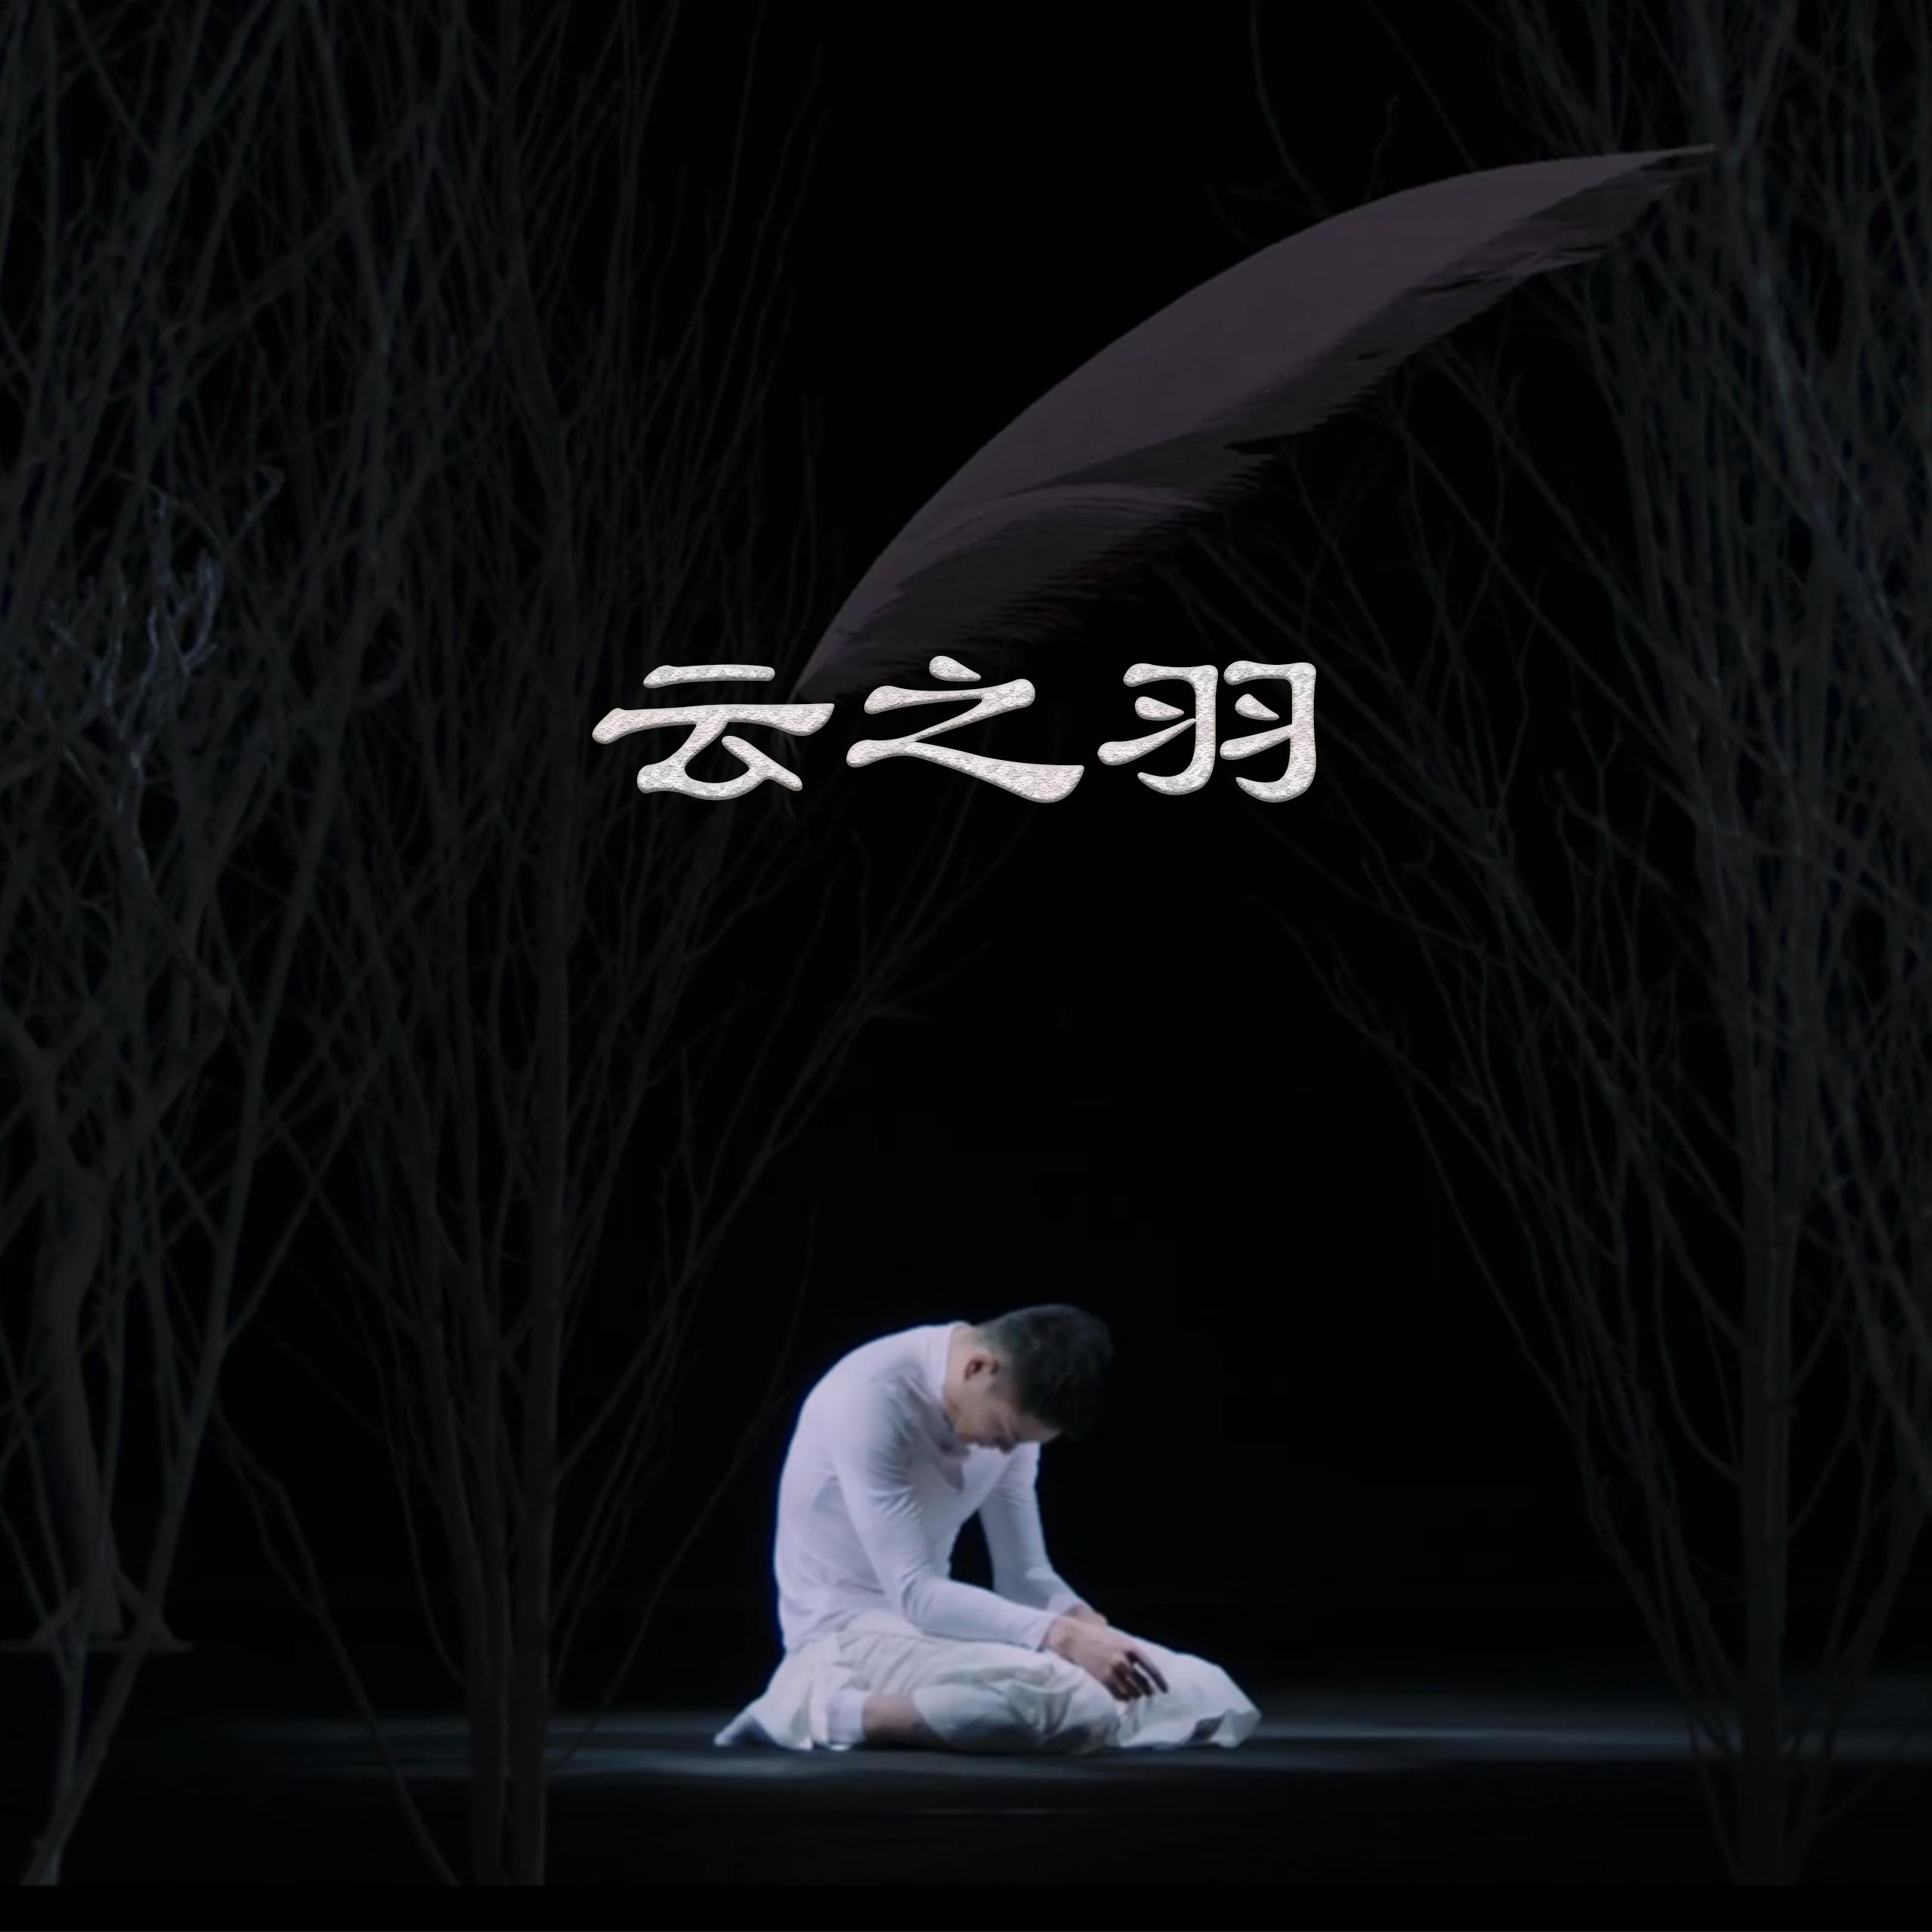 春夏秋冬四季轮转 歌曲《云之羽》温暖上线